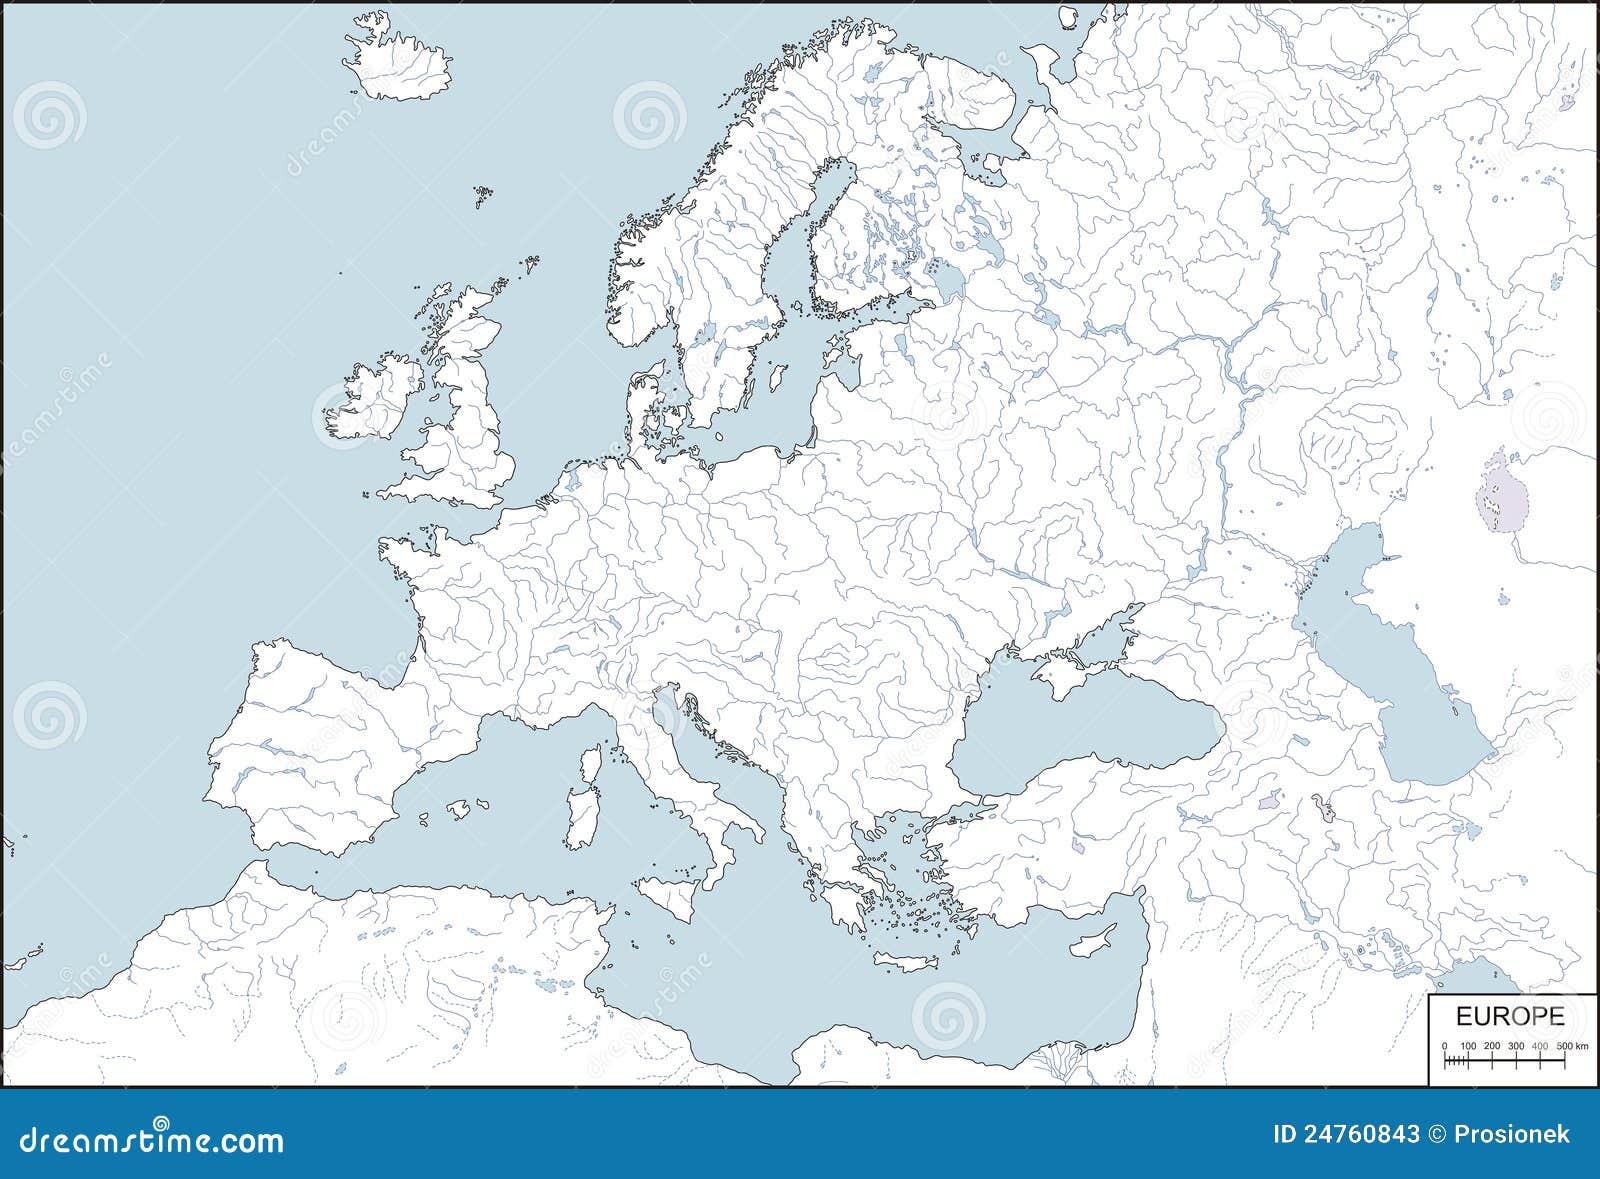 Europa Geef De Contouren Aan Van Kaart Met Rivieren En Meren